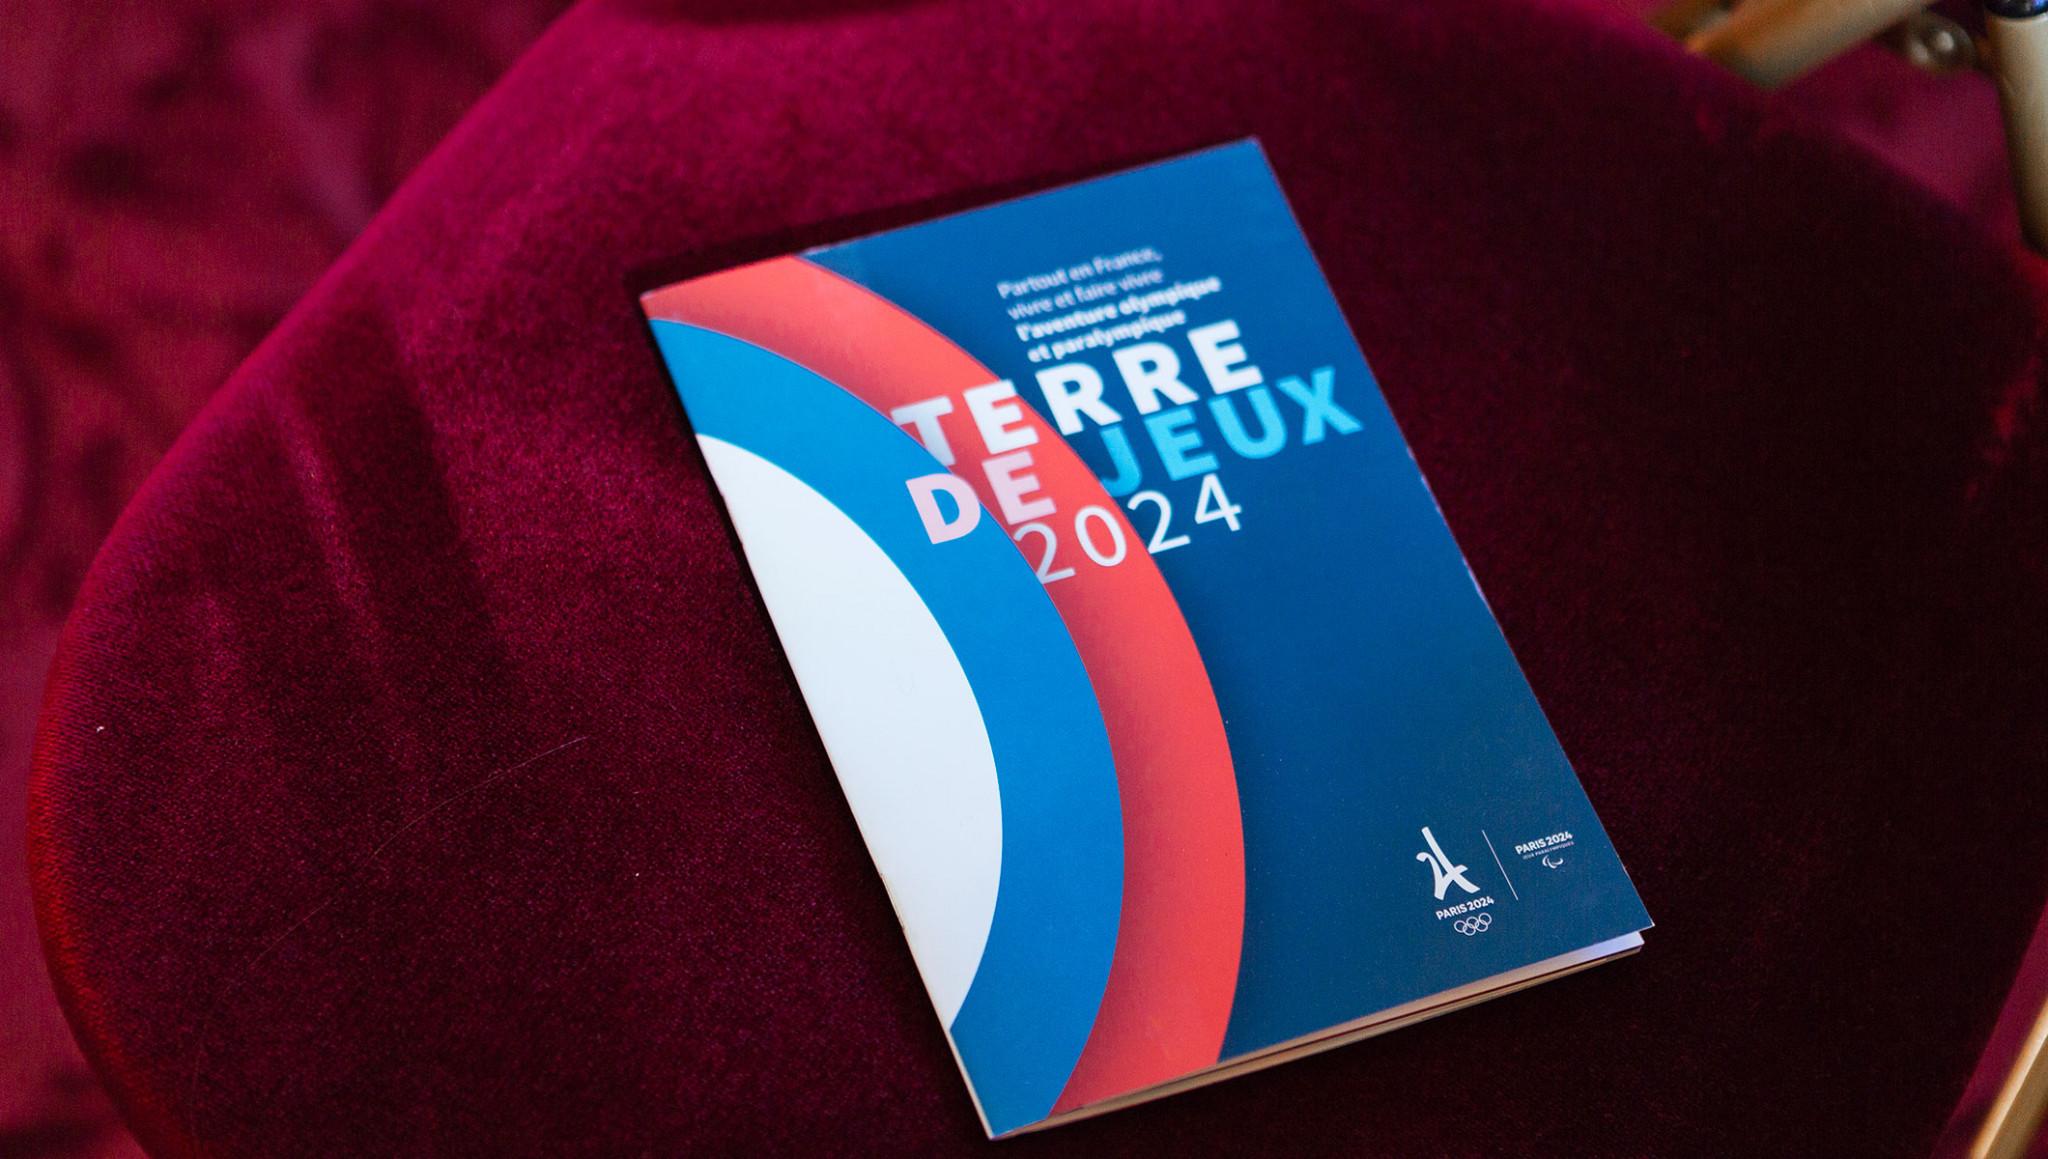 París 2024 publica catálogo del campo de entrenamiento previo a los Juegos